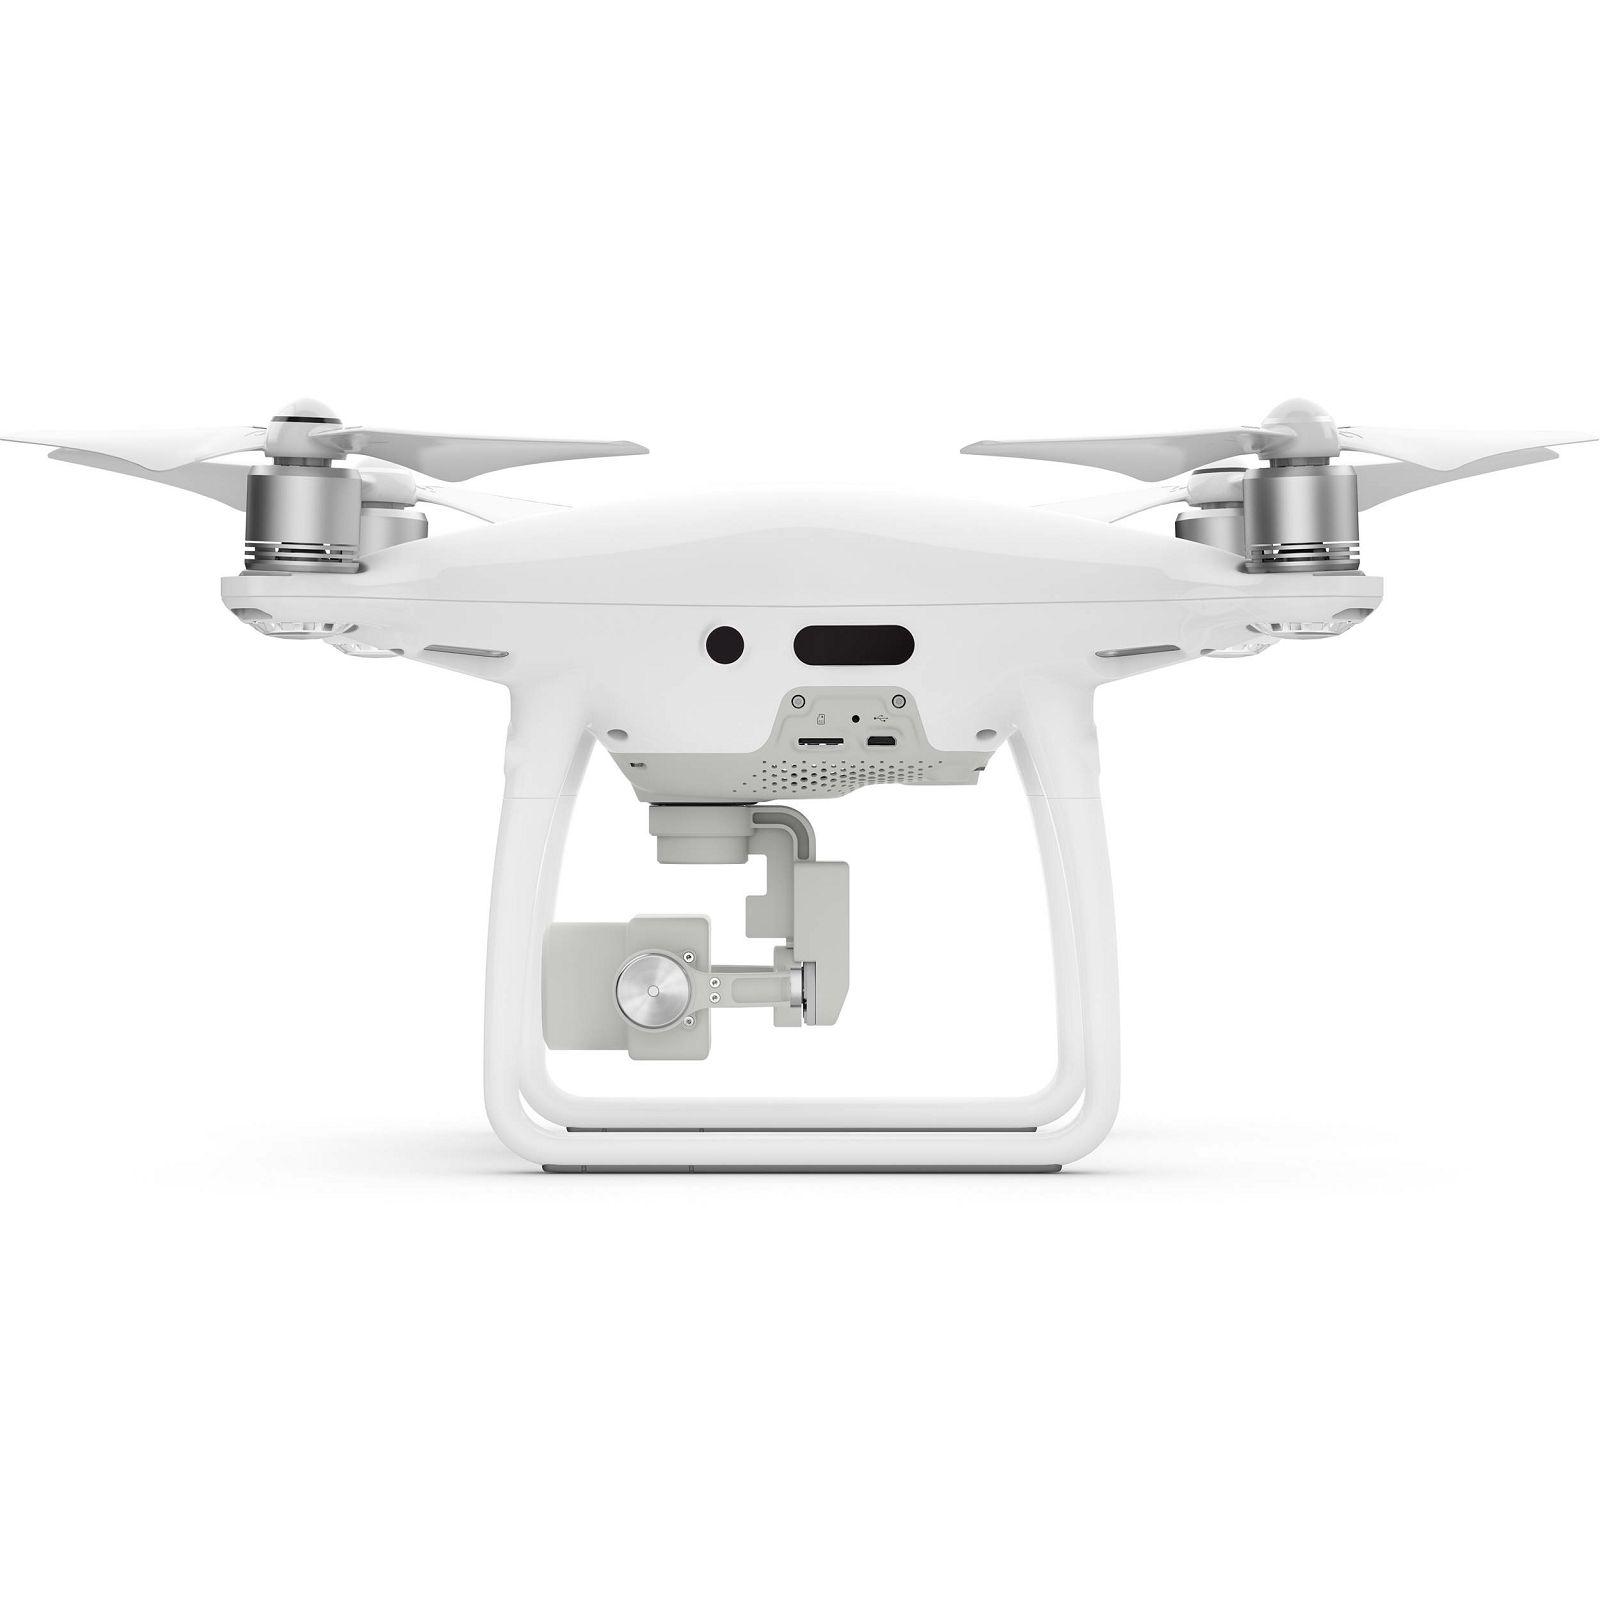 DJI Phantom 4 PRO+ plus dron quadcopter s 4K kamerom i gimba